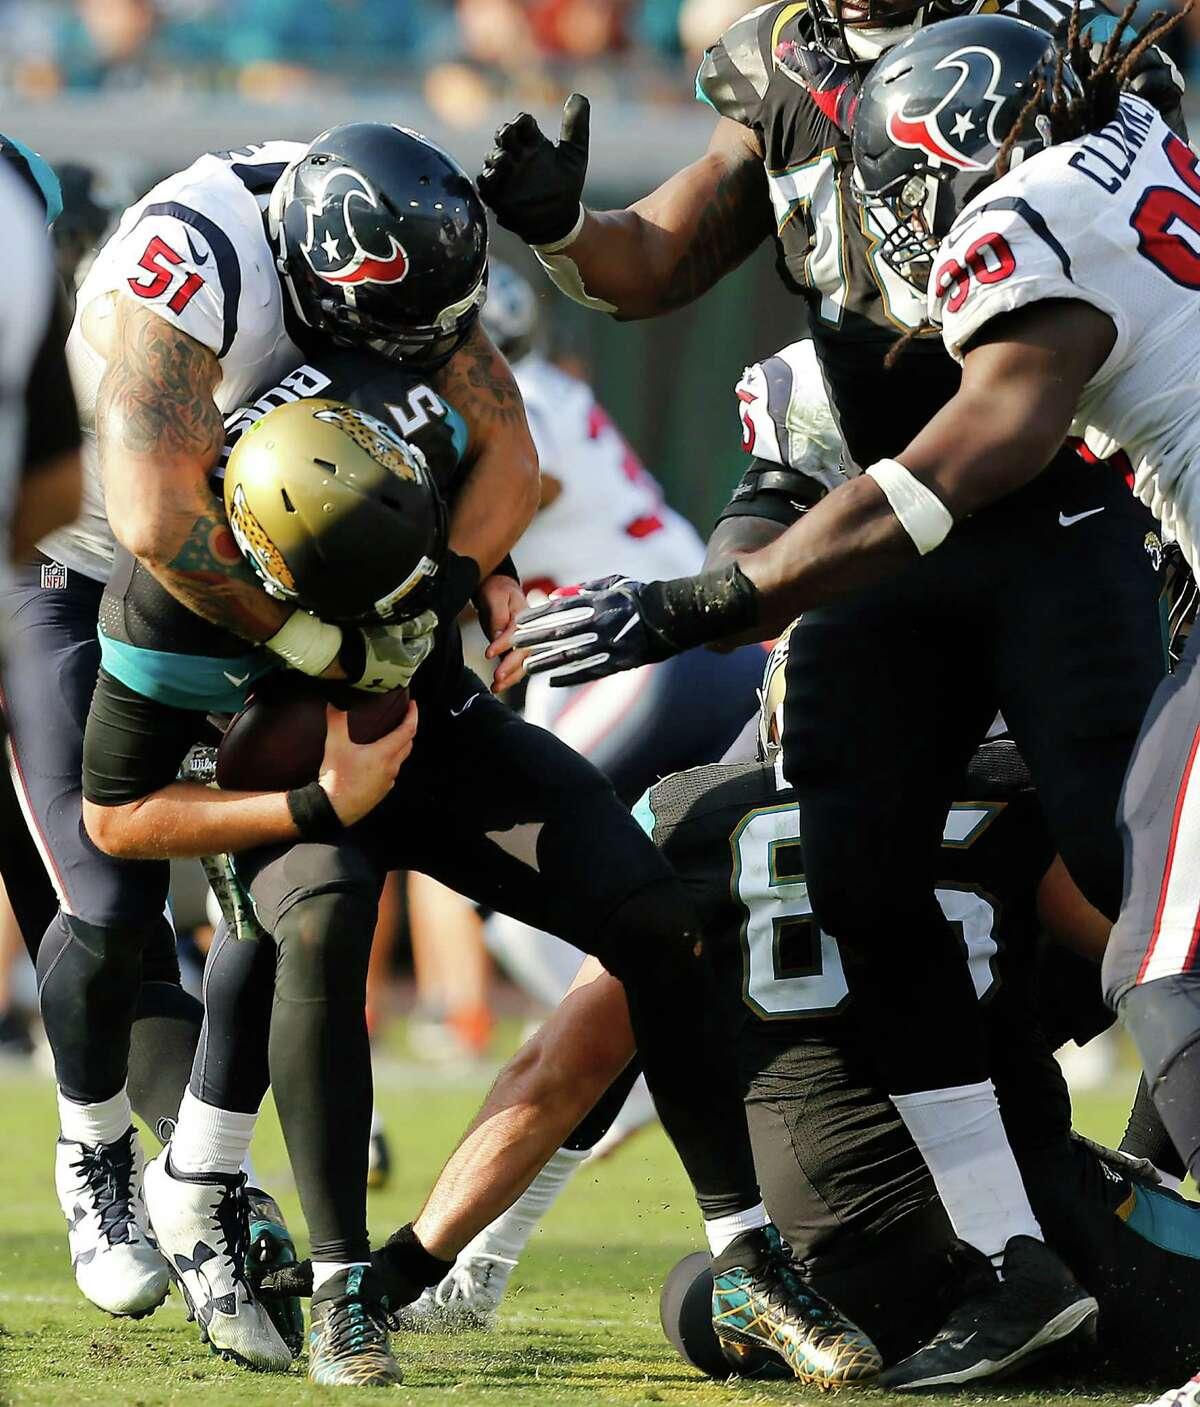 Texans linebacker John Simon (51) sacks Jacksonville's Blake Bortles (5) during the fourth quarter of Sunday's game at EverBank Field in Jacksonville.